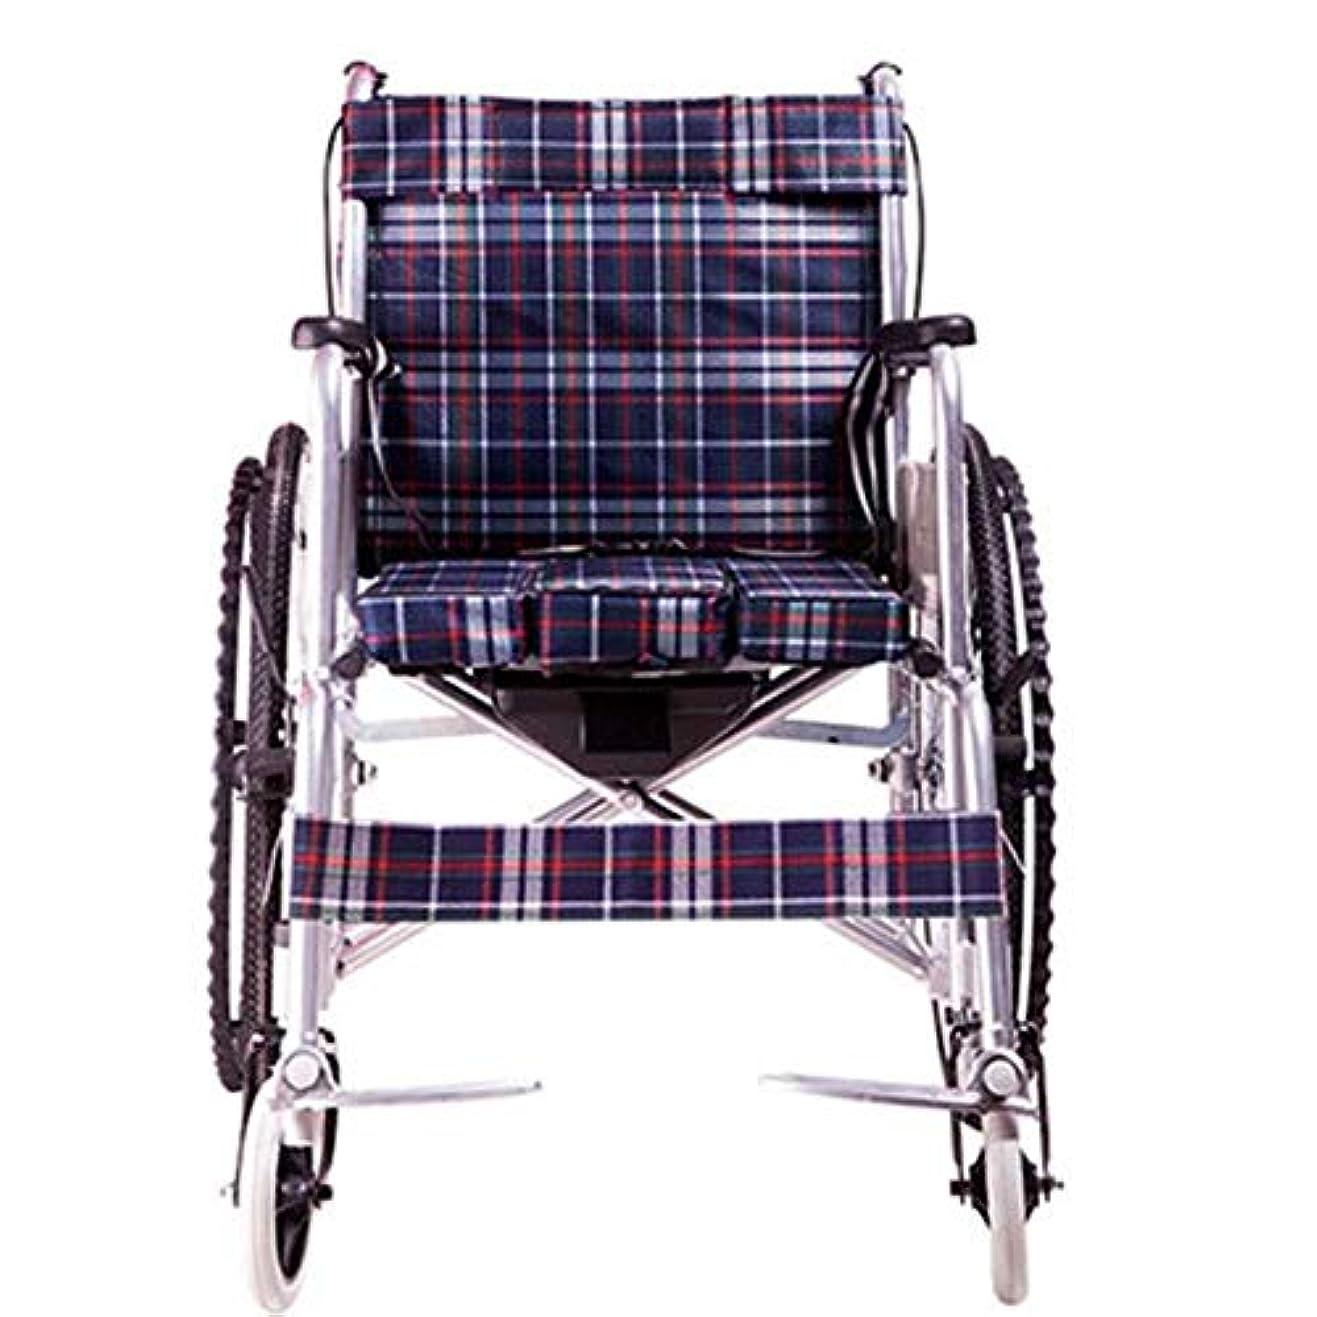 再編成するメタルライン尾ハンドブレーキとクイックリリースリアホイールを備えた軽量アルミニウム折りたたみ式セルフプロペール車椅子 (Color : Oxford cloth)